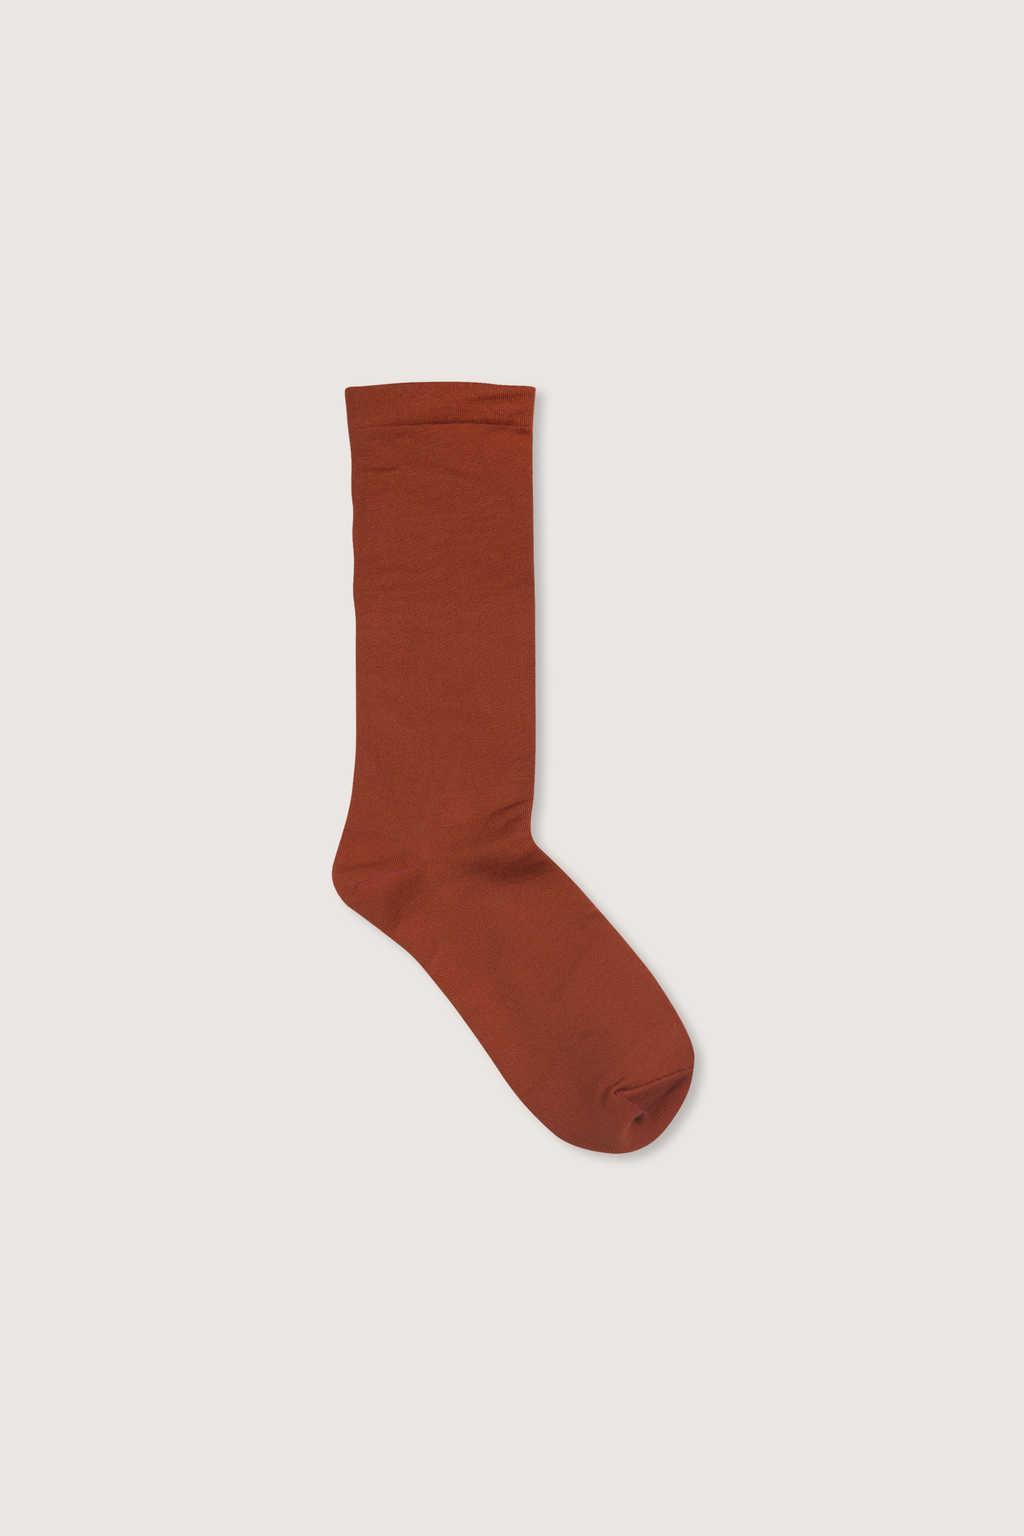 Sock H050 Orange 2